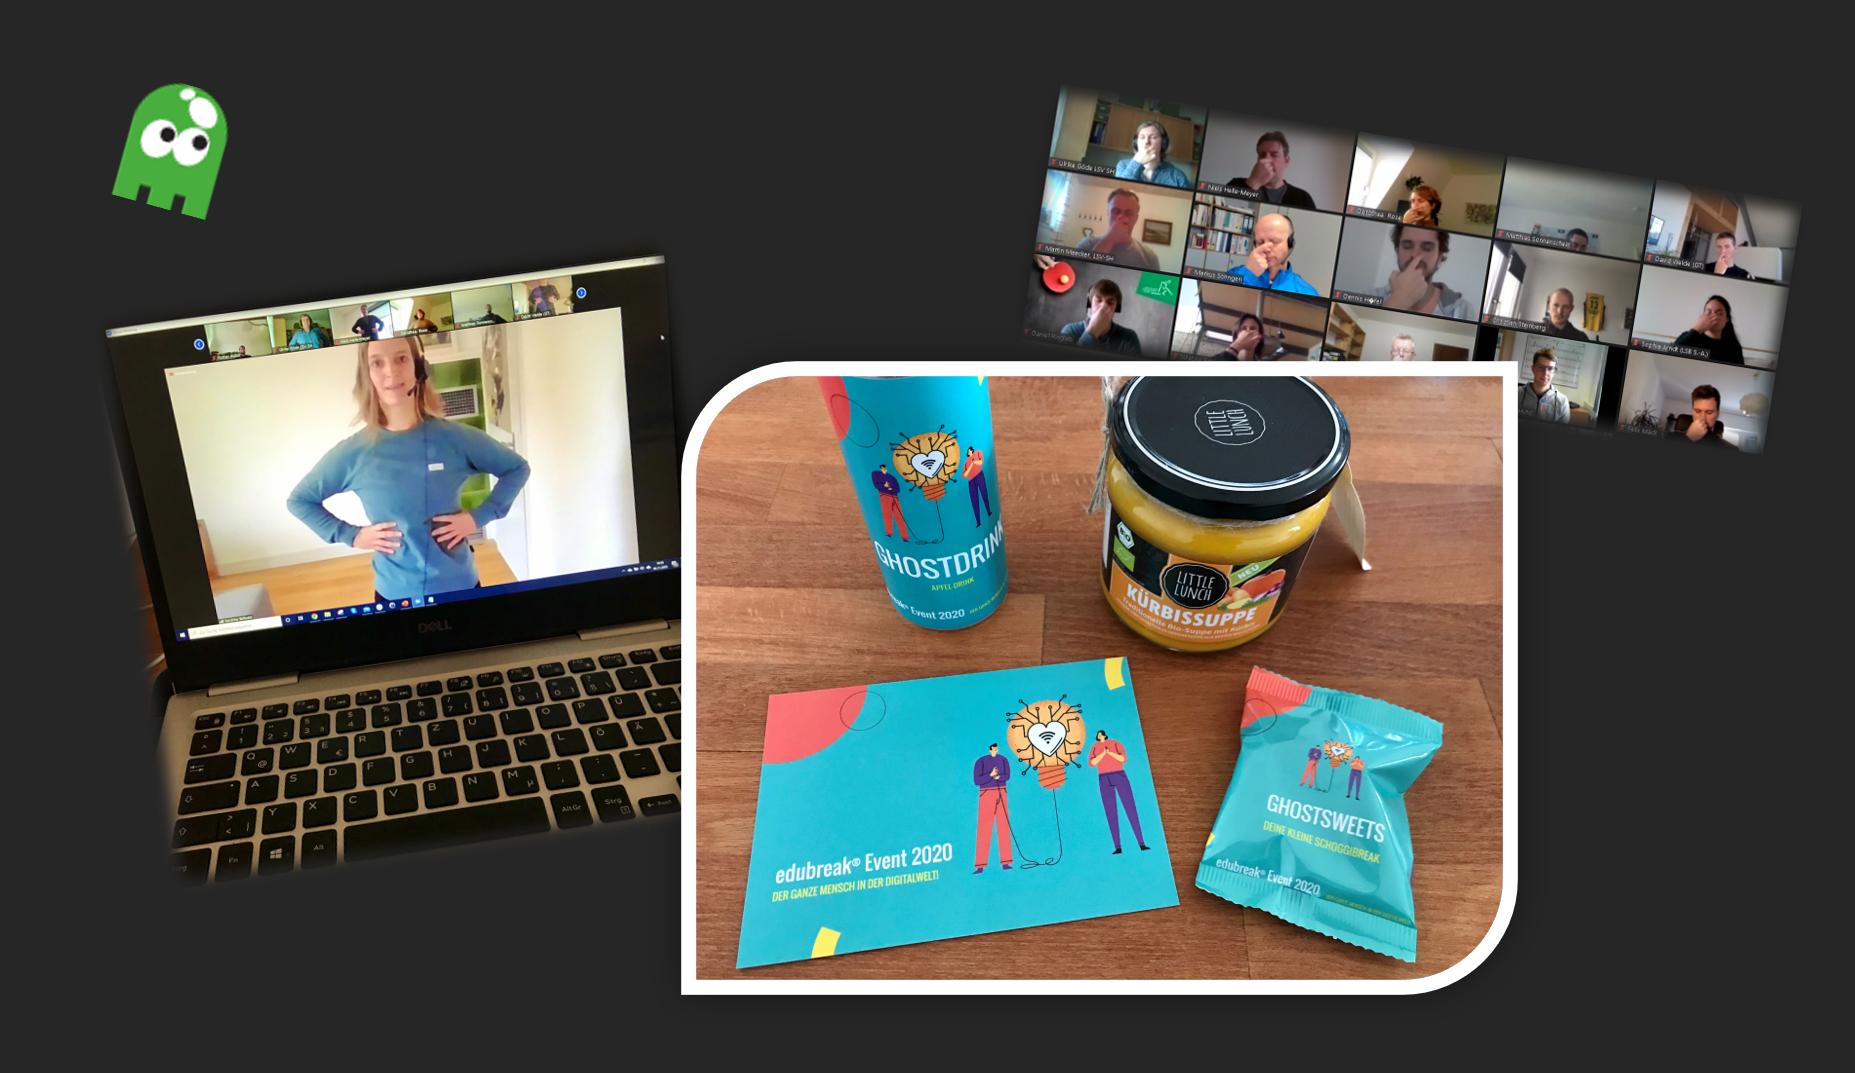 edubreak-Event 2020 Collage2